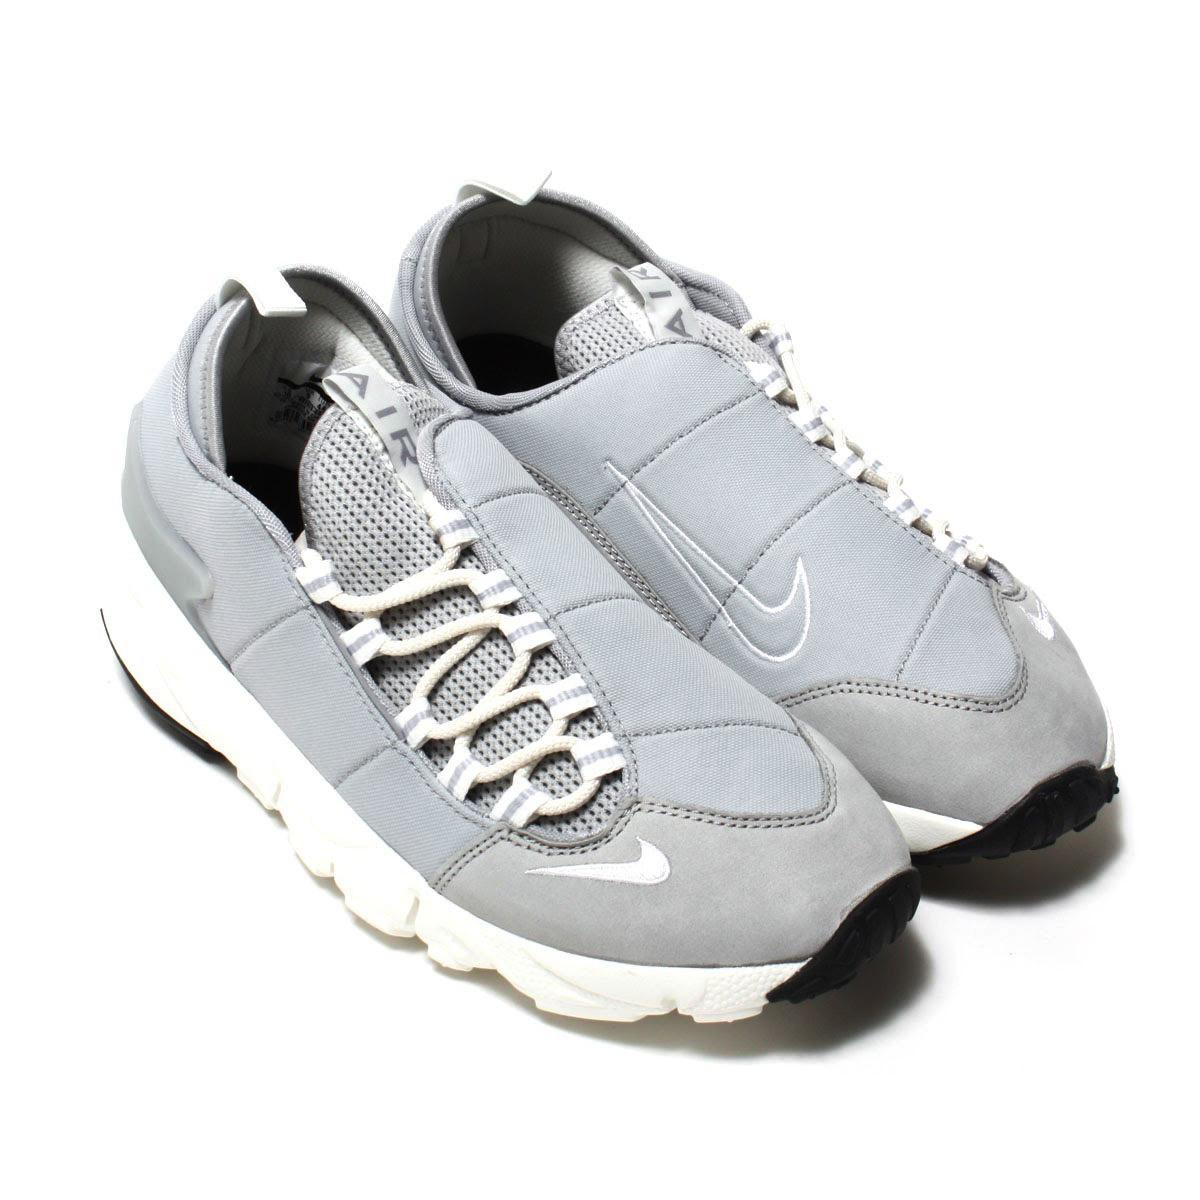 NIKE AIR FOOTSCAPE NM (Nike Air footscape NM) (WOLF GREY/SUMMIT  WHITE-BLACK) 17 SP-I